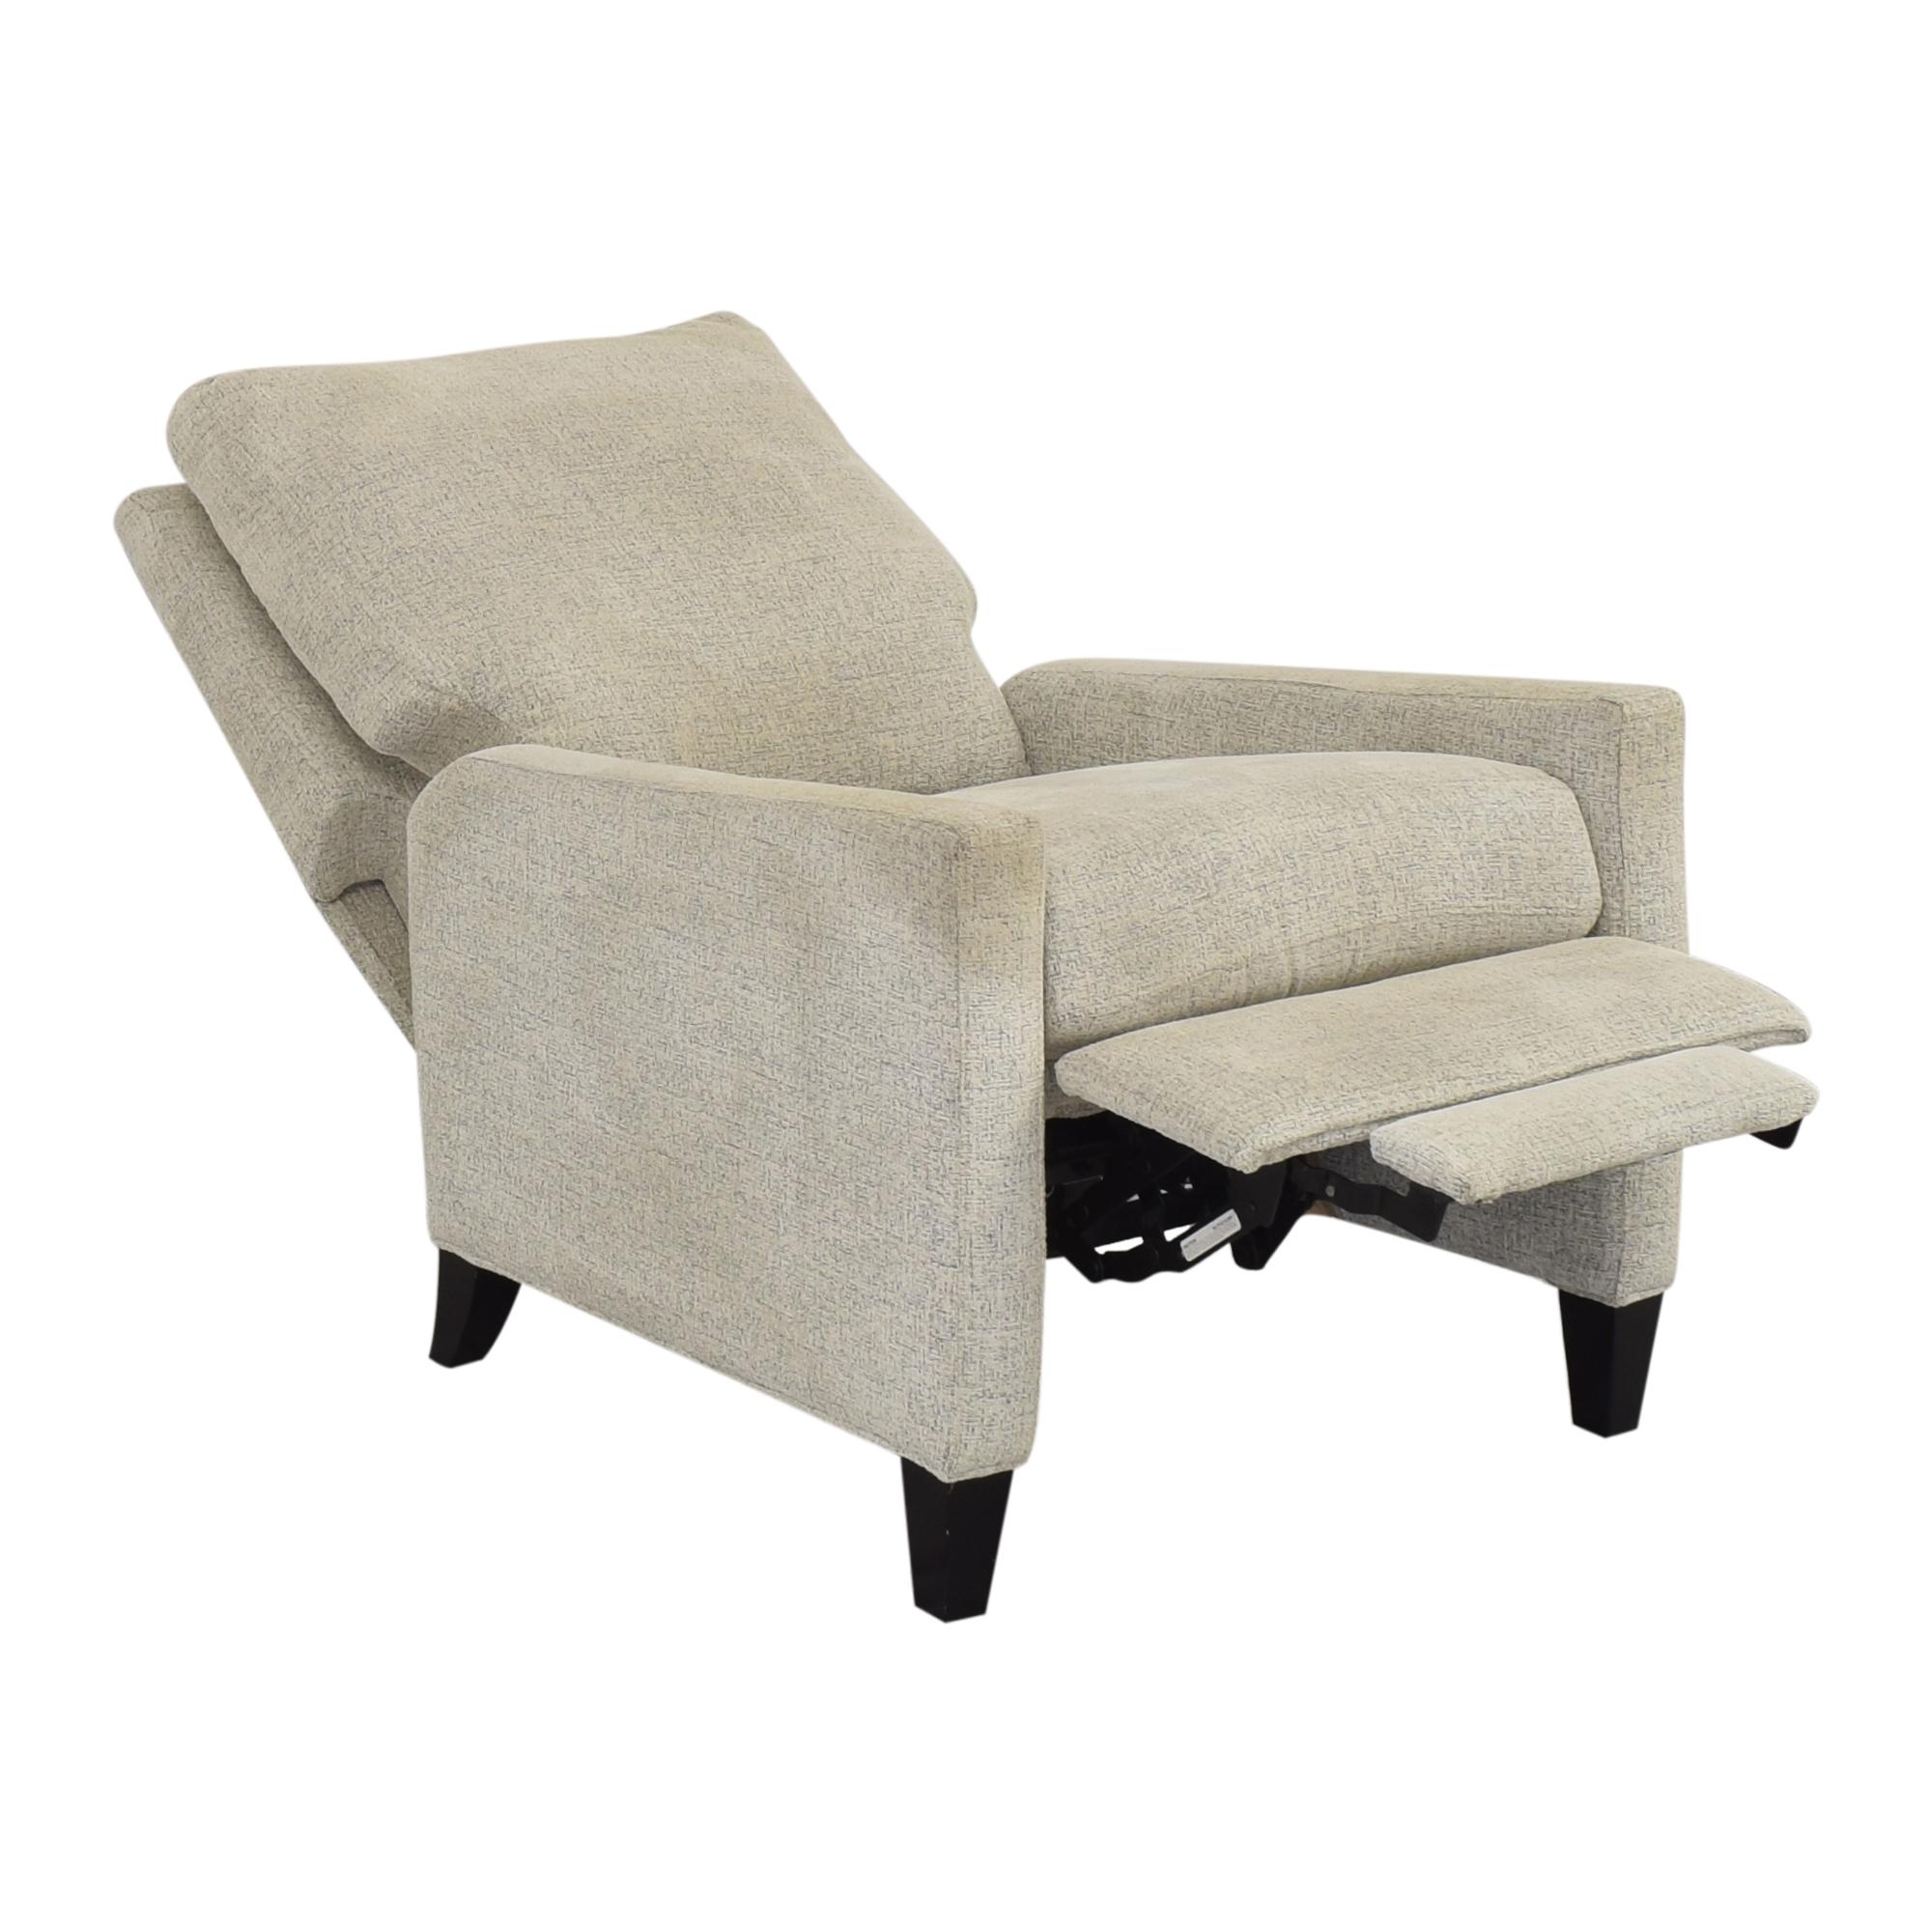 Bloomingdale's Bloomingdale's Sophie Power-Recliner Chair nj